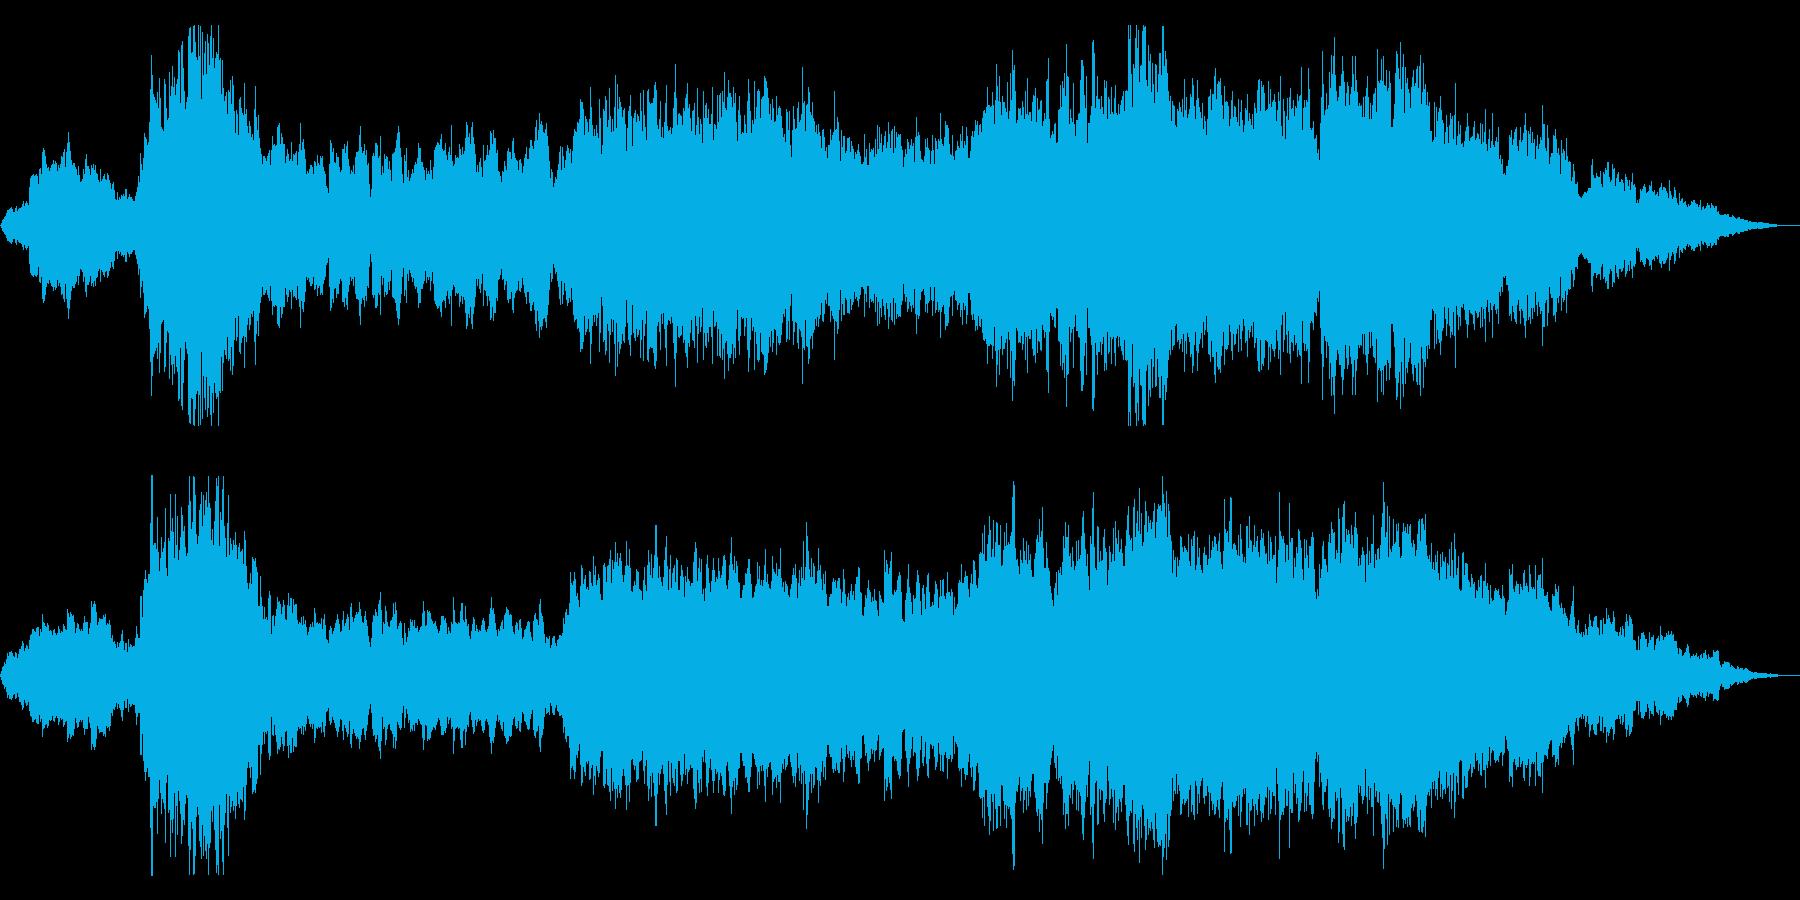 壮大さを感じる映画音楽の再生済みの波形